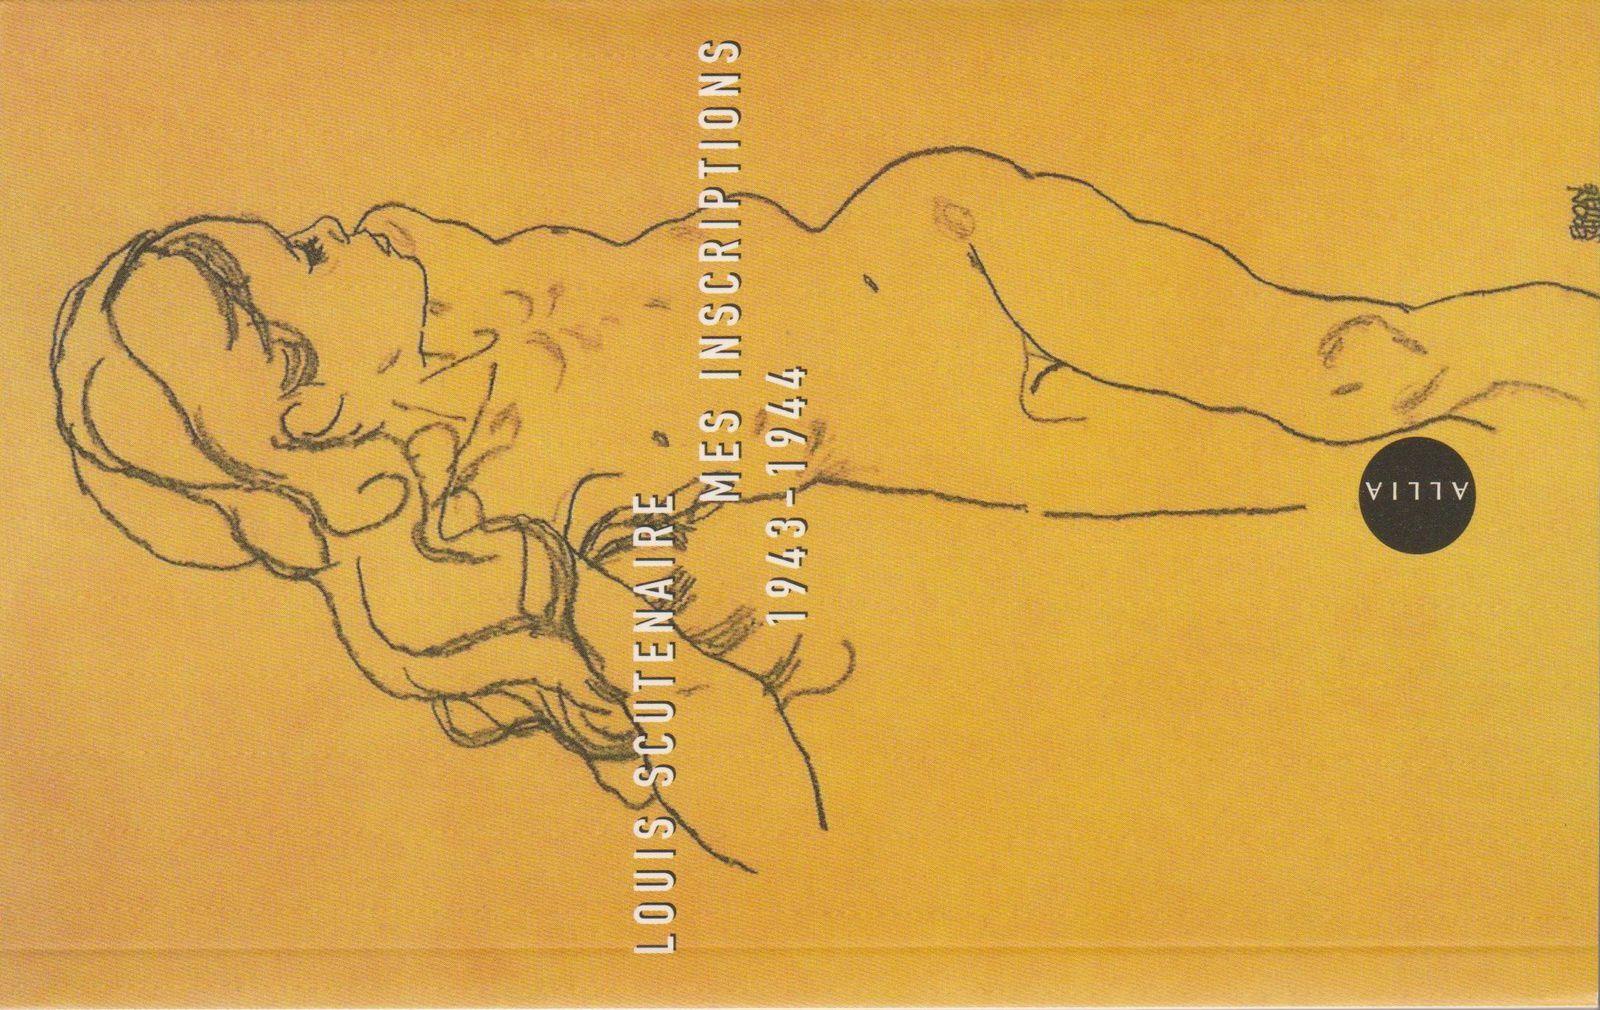 Louis Scutenaire, Mes inscriptions 1943-194, Allia, 2007. Dessin d'Egon Schiele.